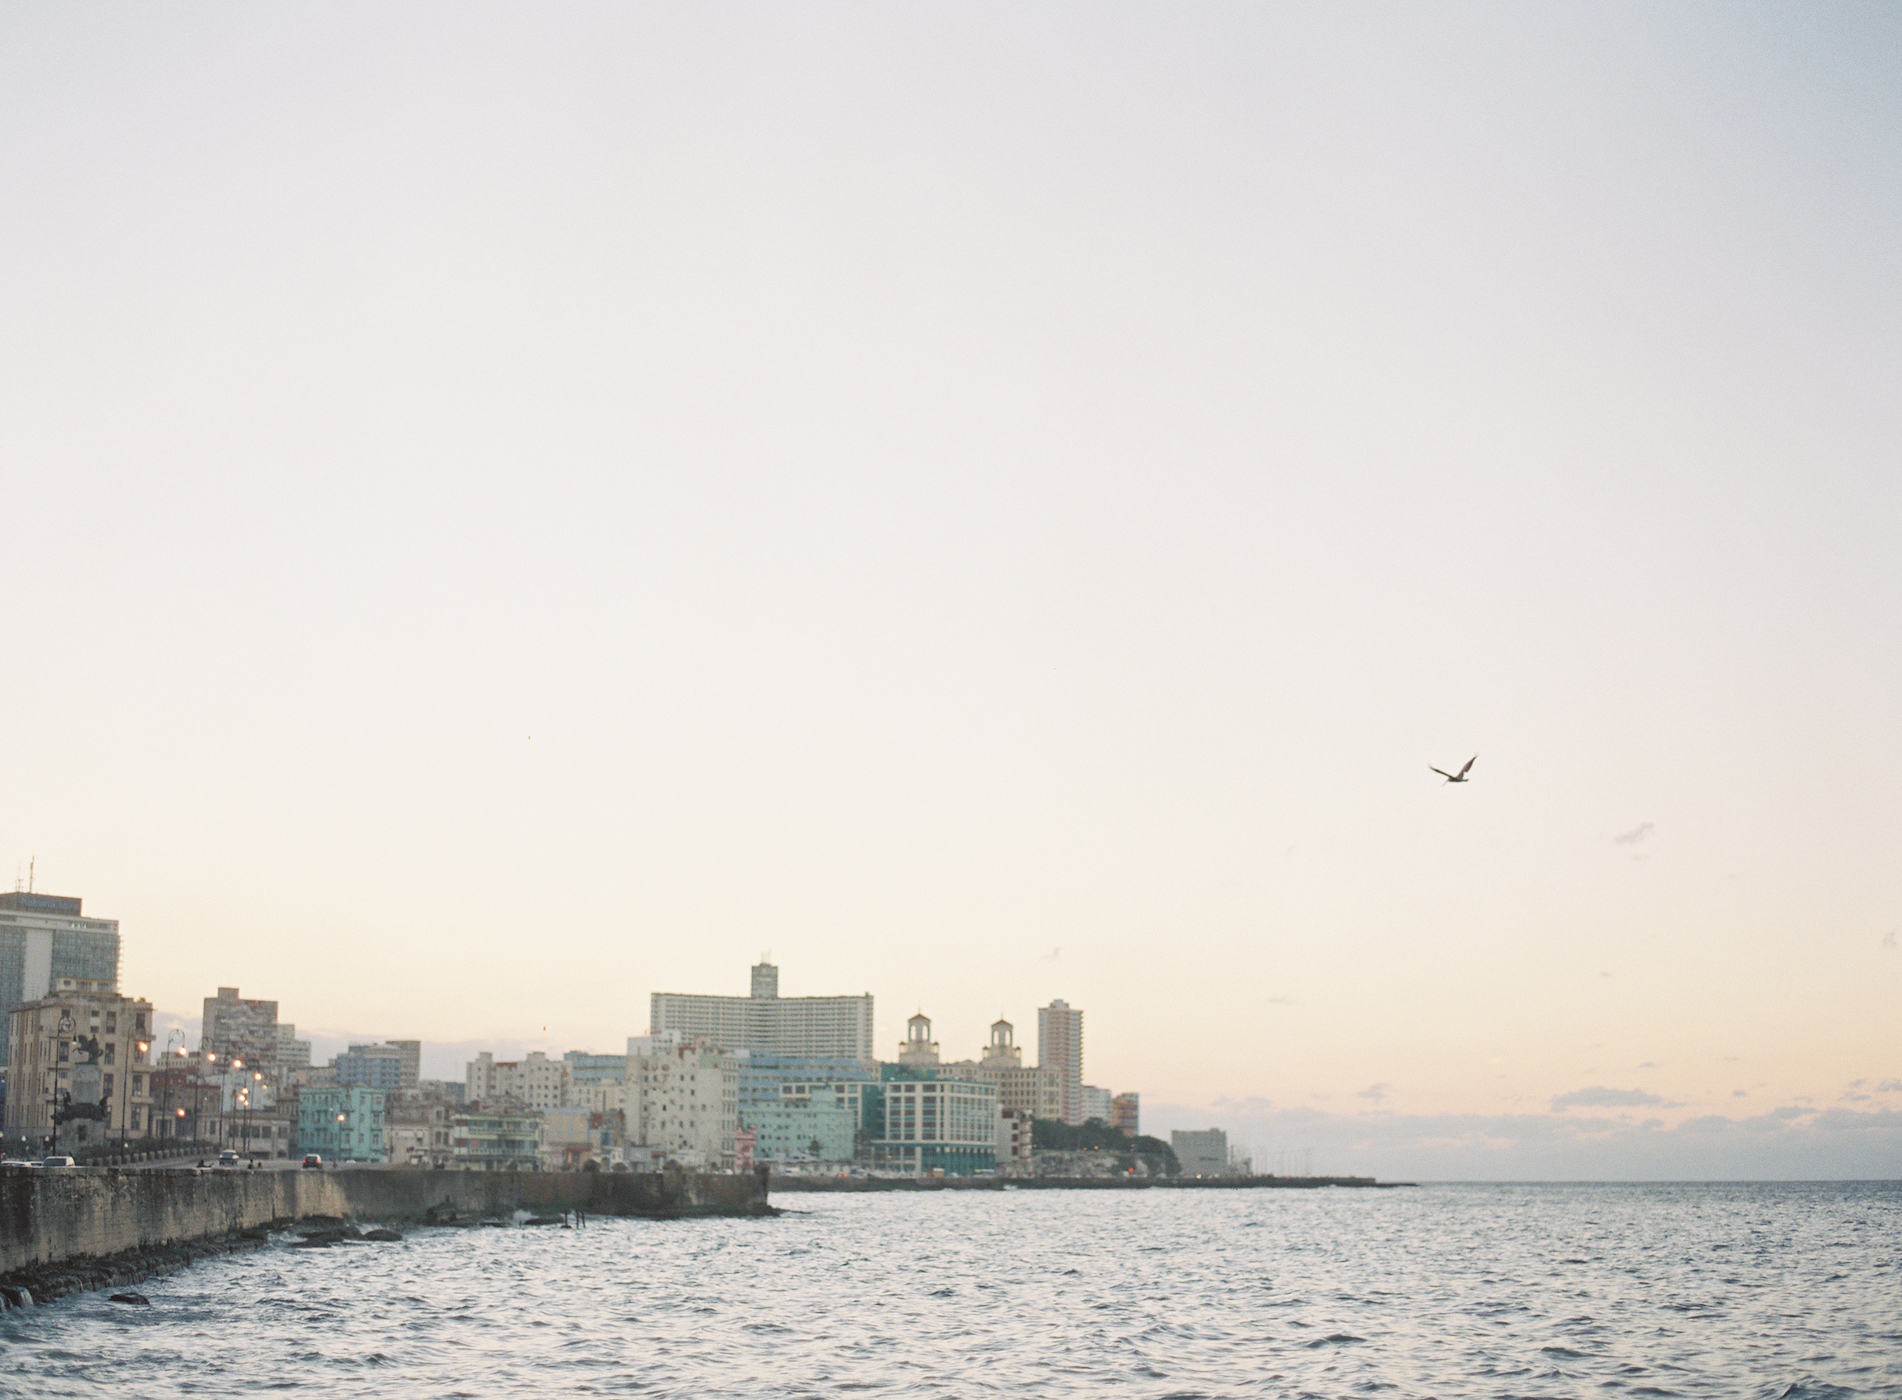 JenHuang-Cuba2016-24-009435-R1-009.jpg